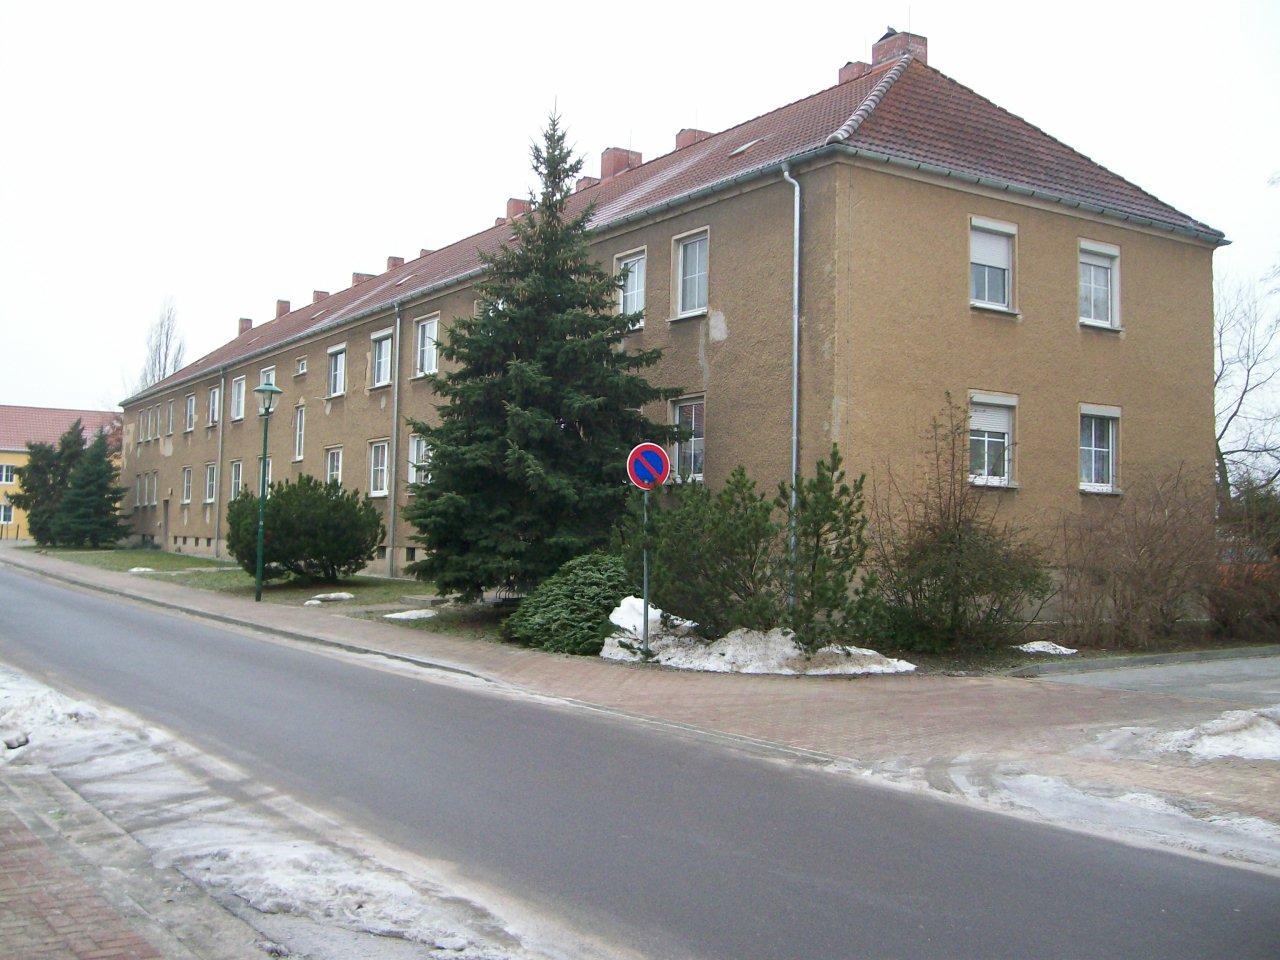 Wohnung - Max-Planck-Straße 2